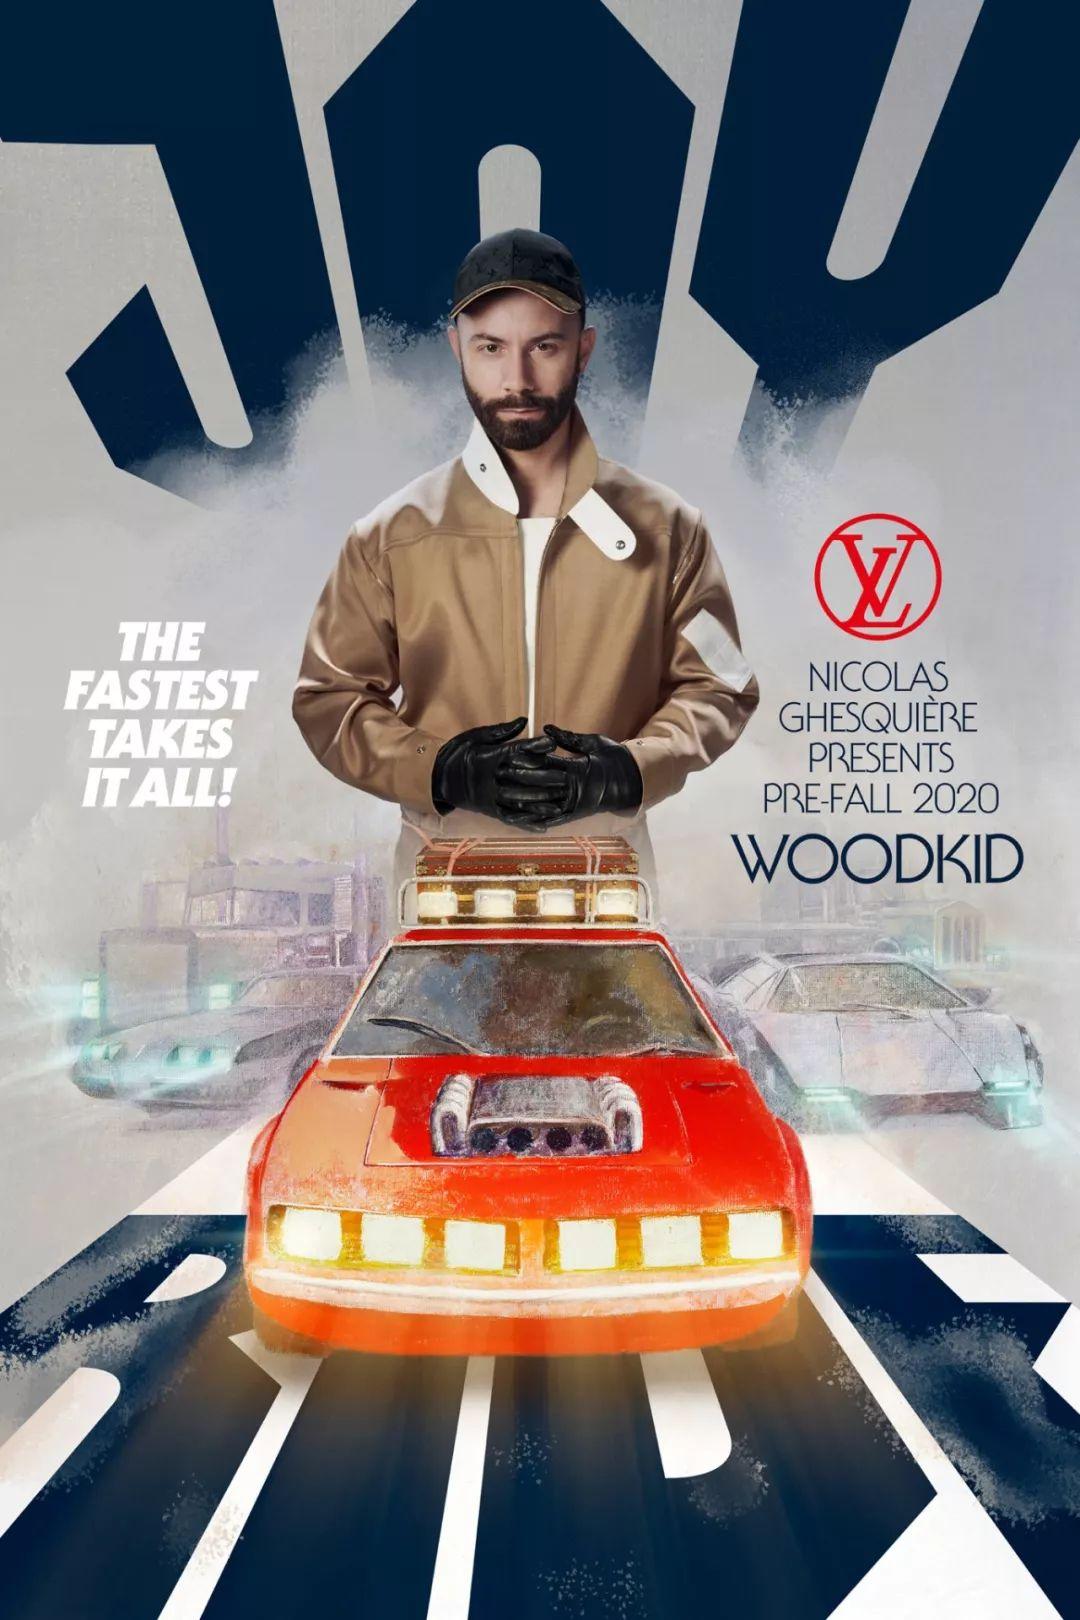 魔幻2020?Louis Vuitton 2020平面设计简直太赞了